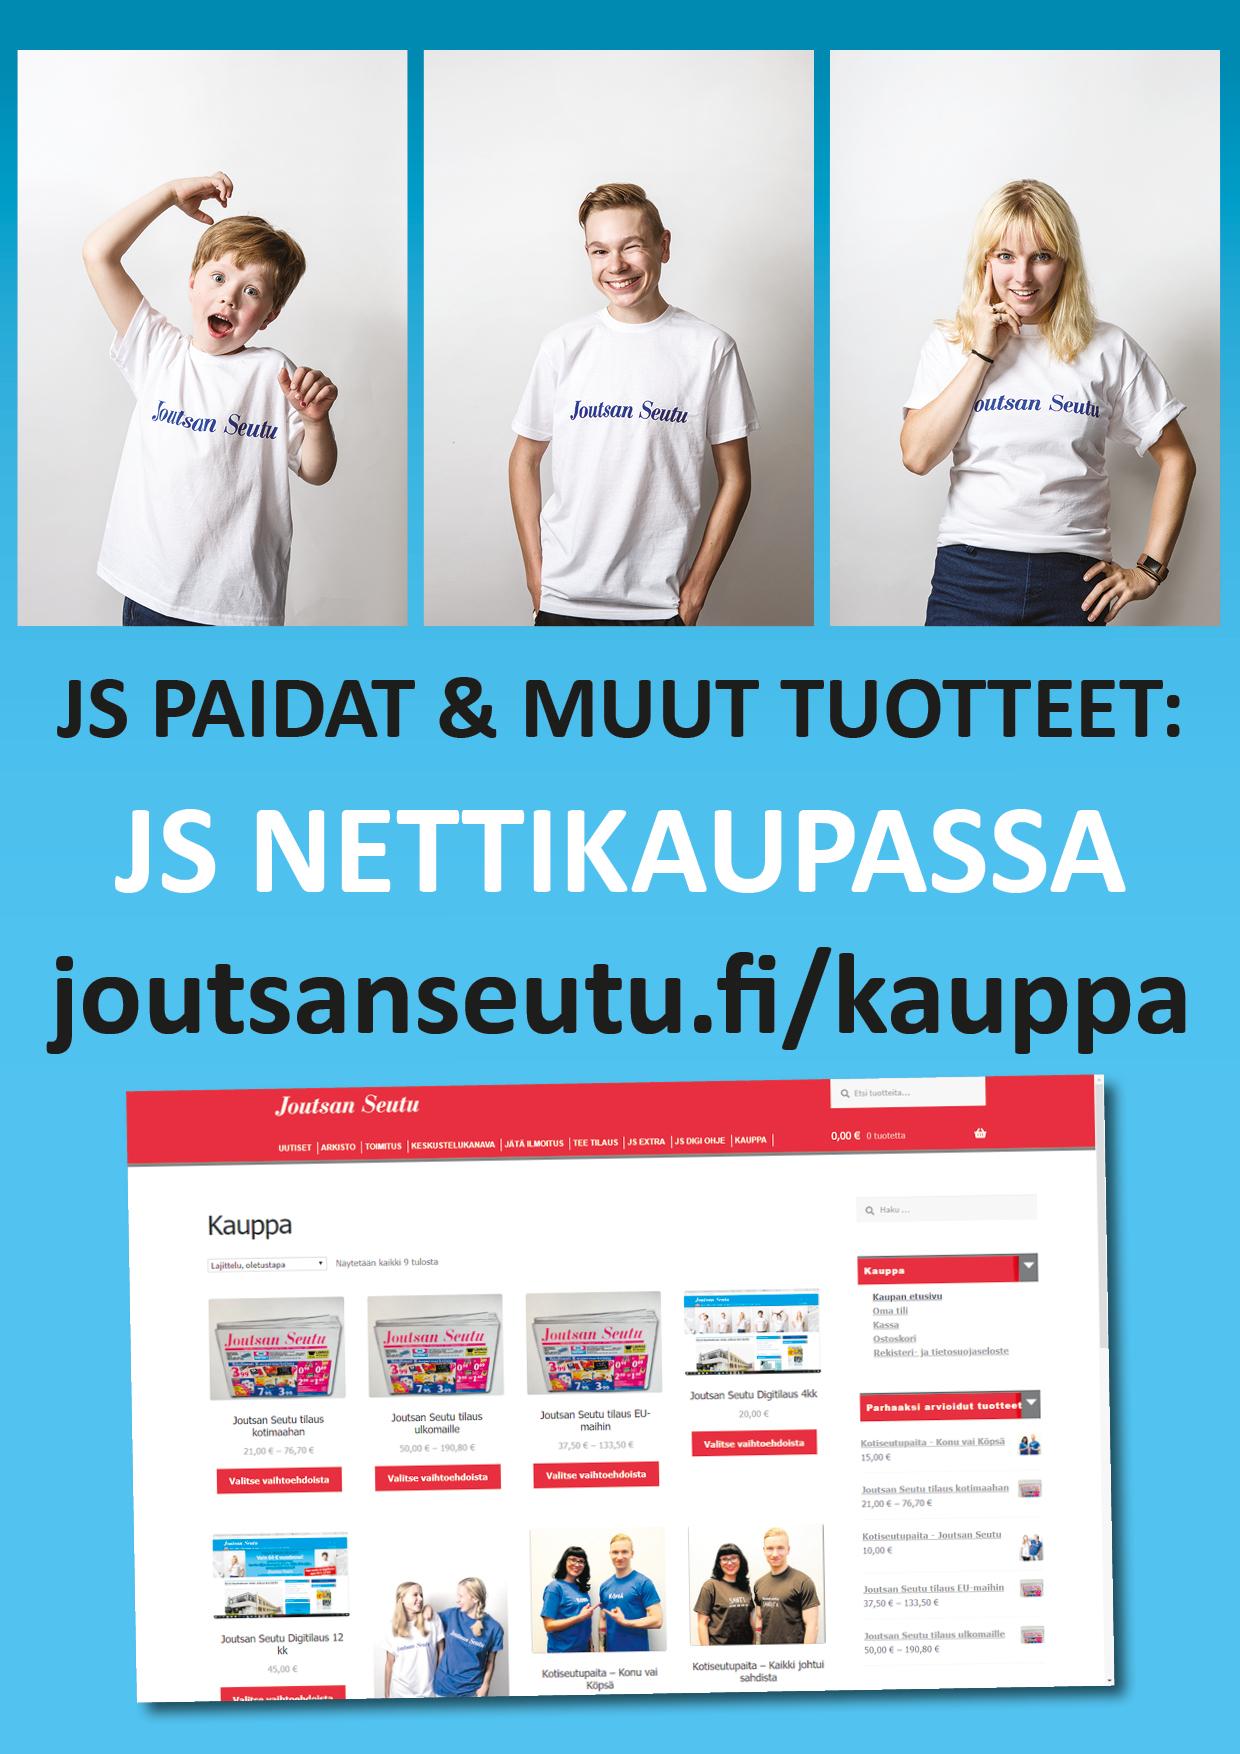 JS Kauppa